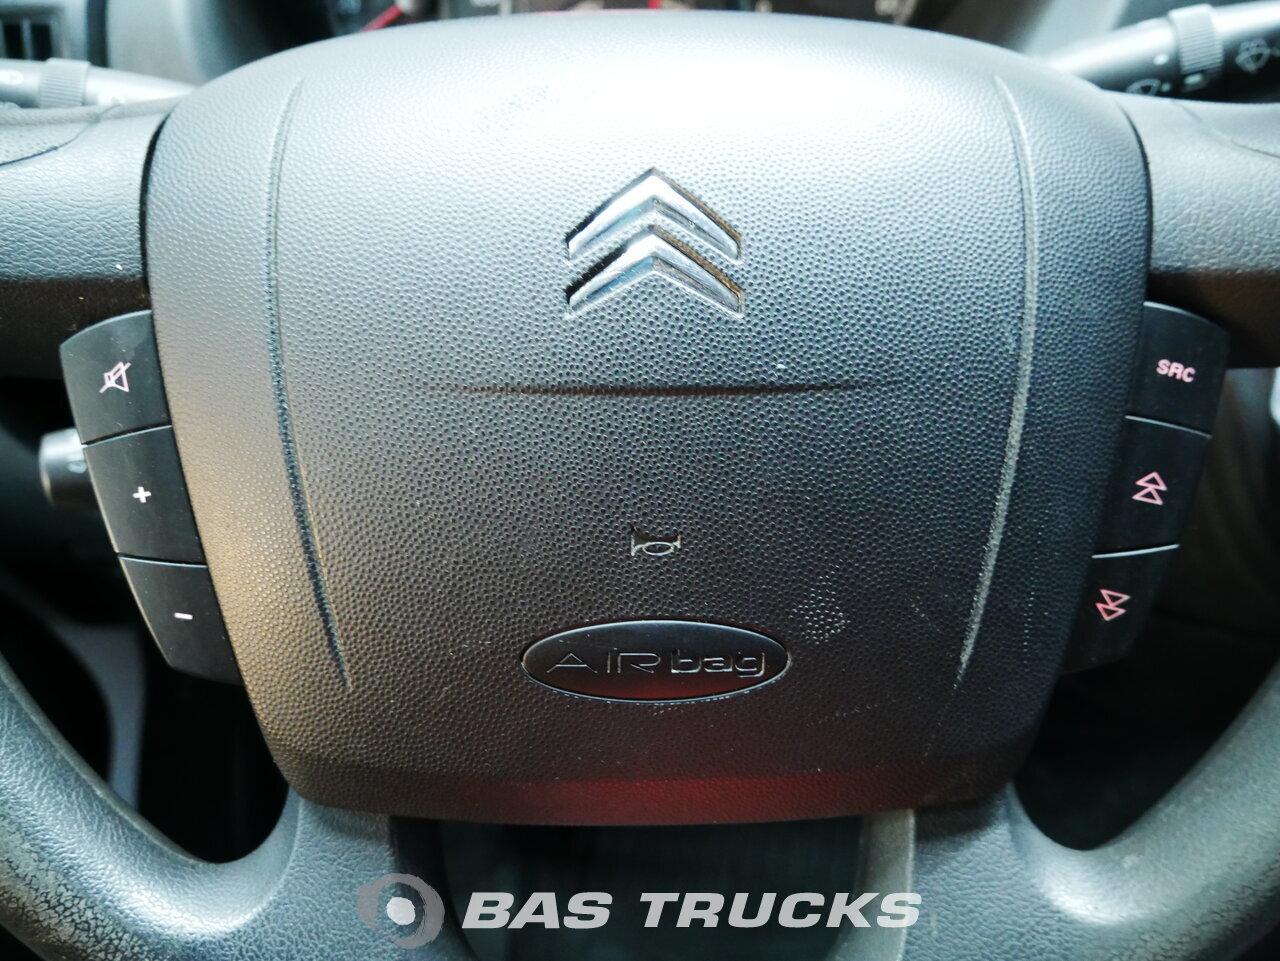 foto di Usato Veicolo commerciale leggero Citroën Jumper 2013